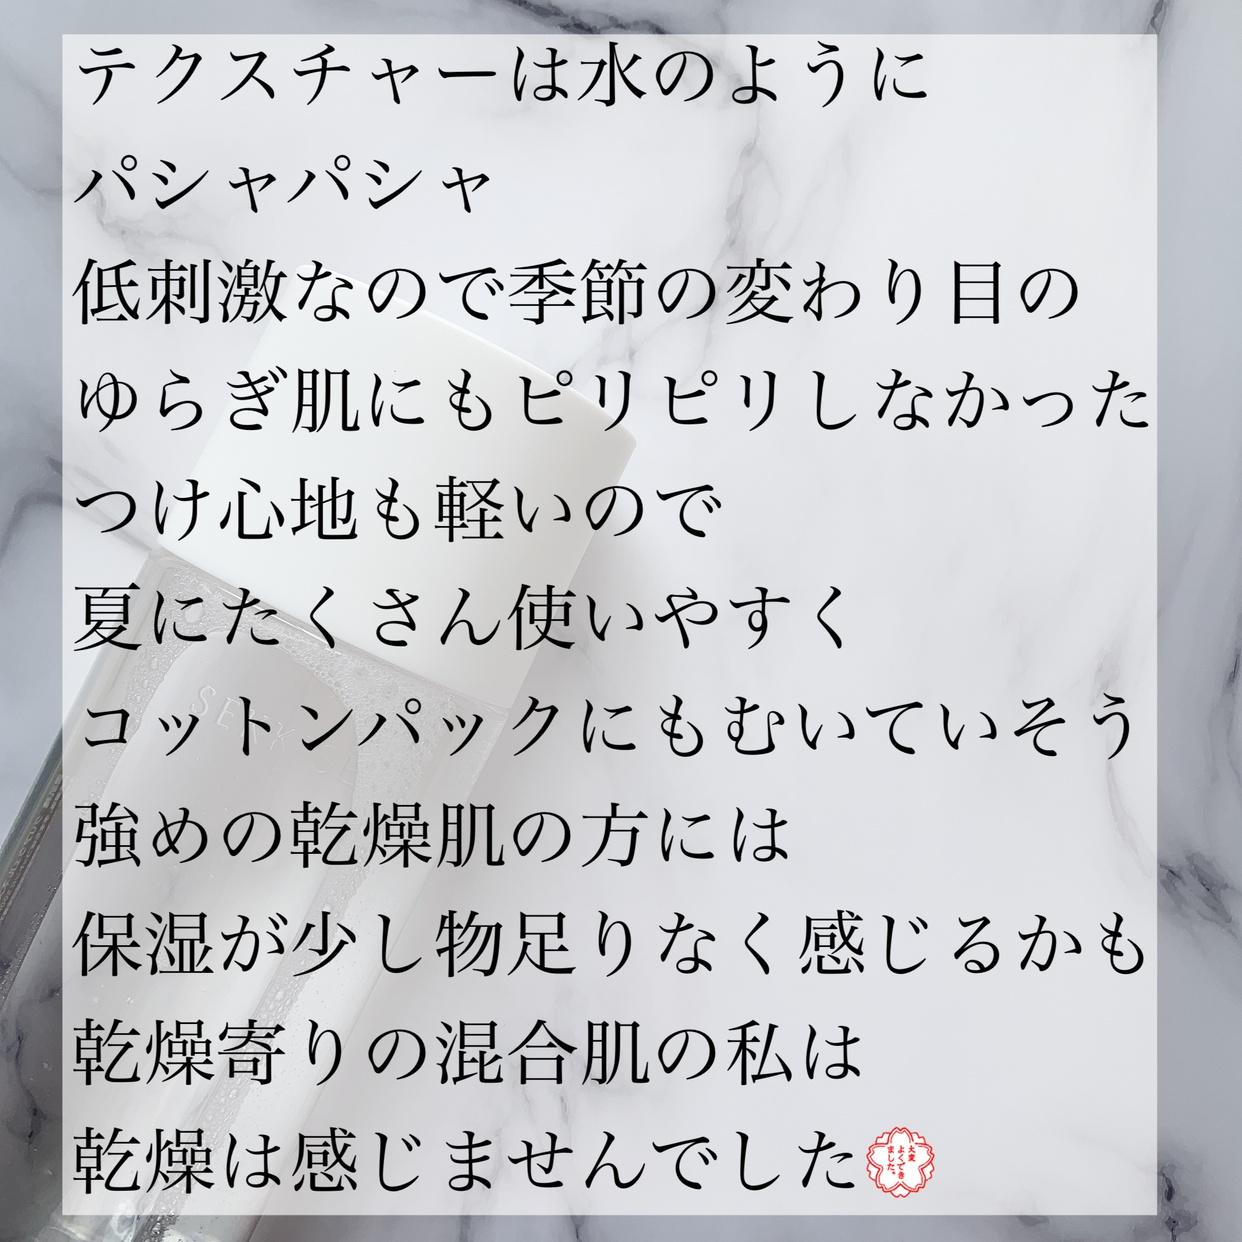 雪肌精 クリアウェルネス(SEKKISEI CLEAR WELLNESS) ピュア コンクを使ったまみやこさんのクチコミ画像3